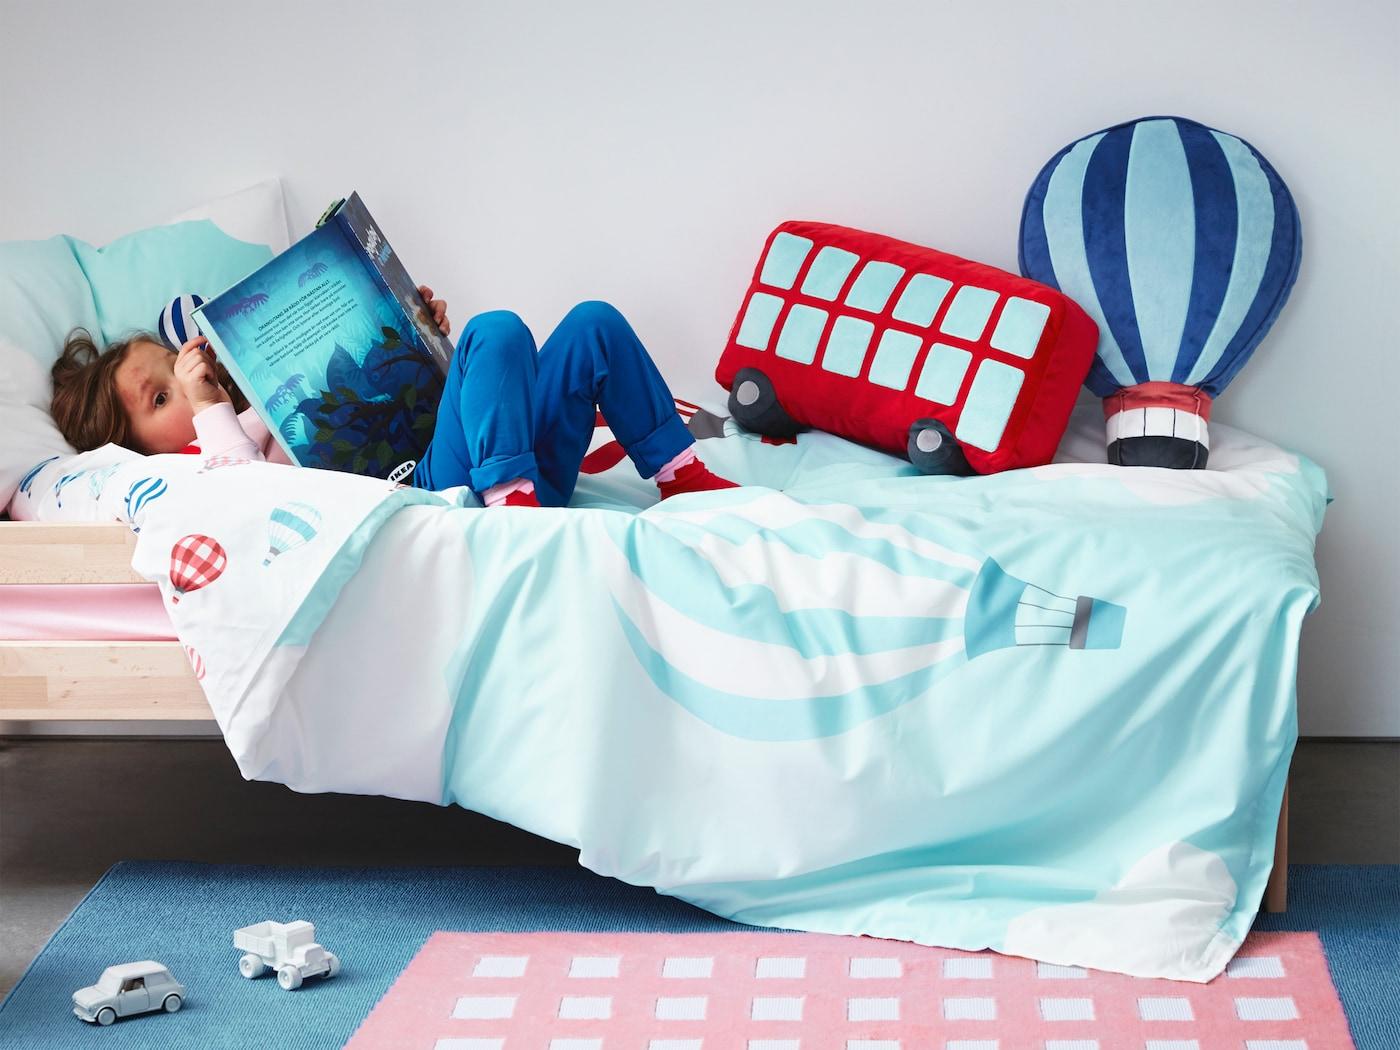 Un copripiumino, un tappeto e cuscini della collezione di tessili per bambini UPPTÅG con fantasie grafiche colorate, ispirate ai viaggi - IKEA